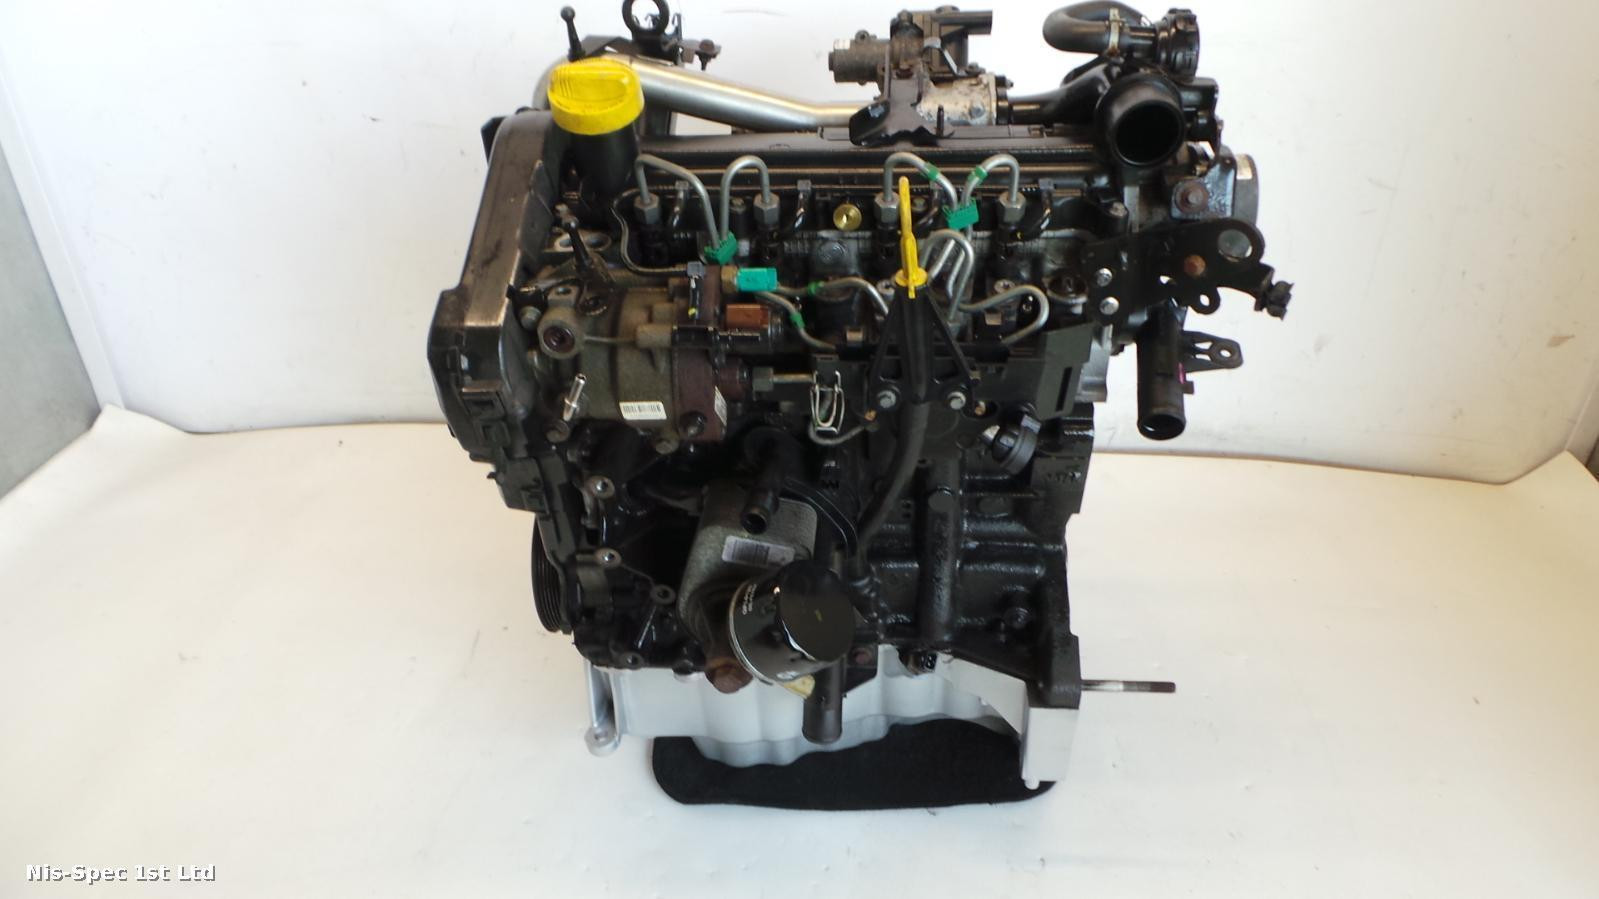 NISSAN NV200 1.5 DIESEL ENGINE K9KF276 NO TURBO OR FLYWHEEL